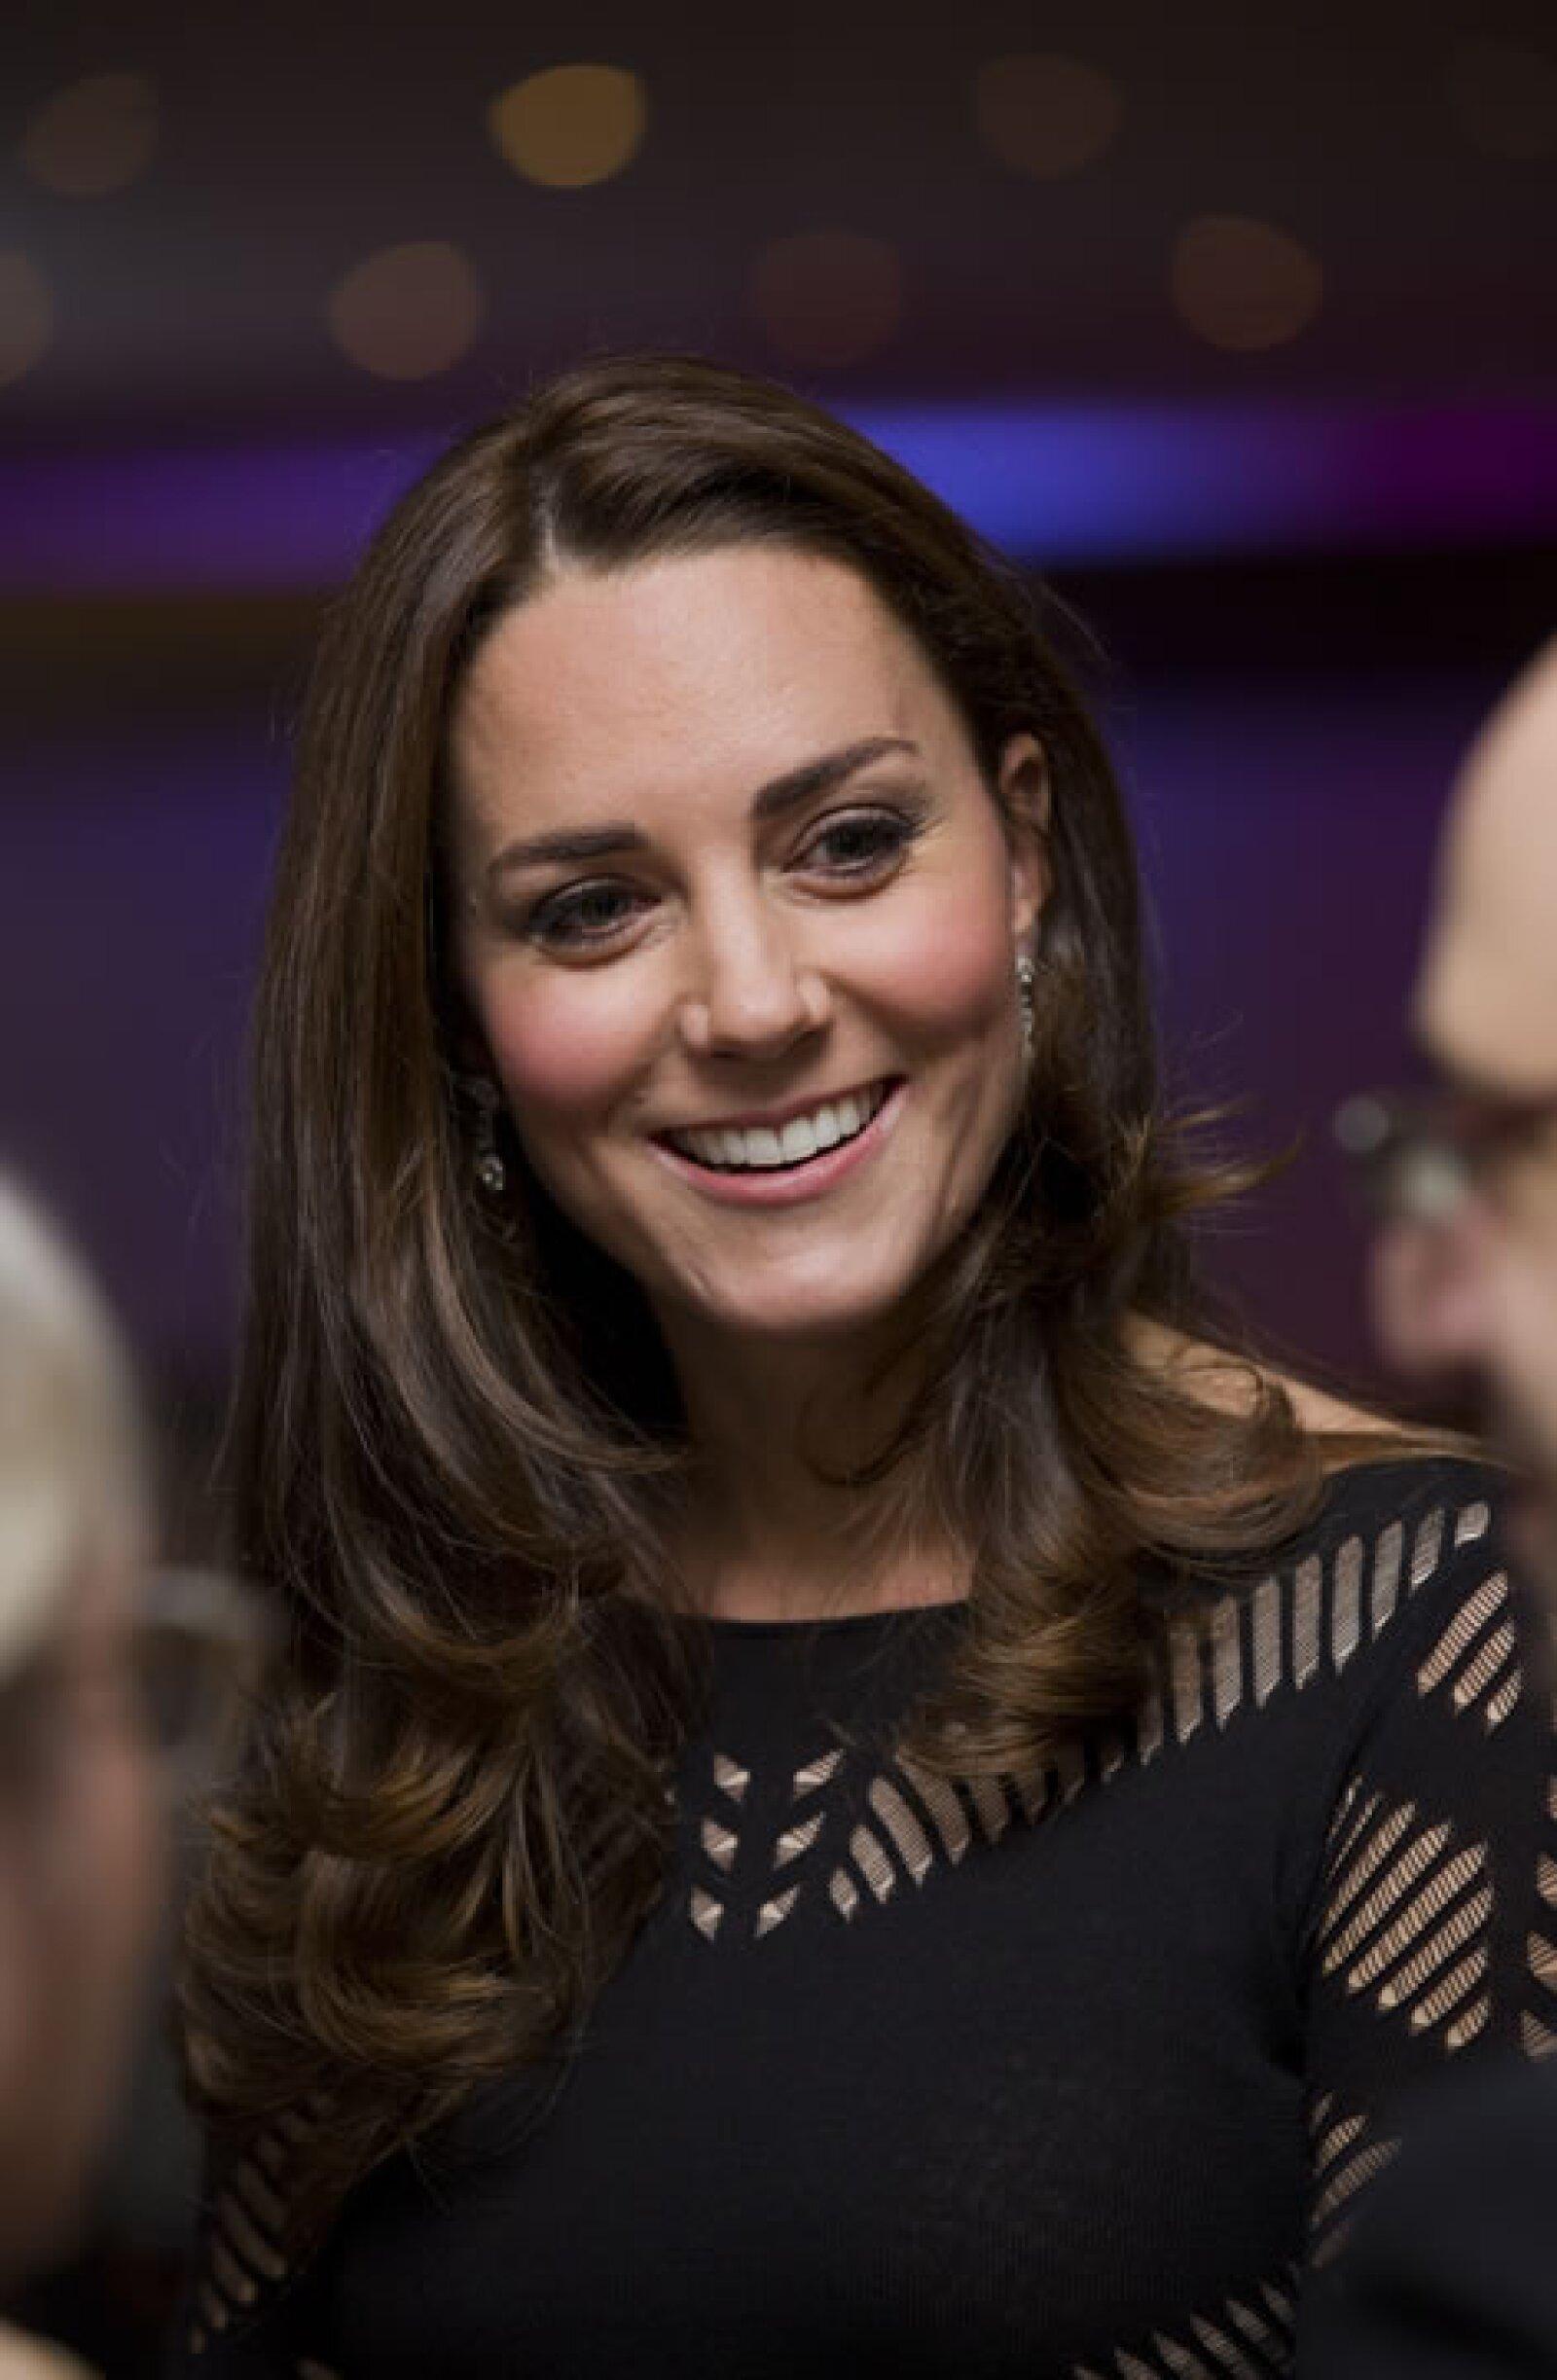 La Duquesa oprtó por el negro para una subasta.